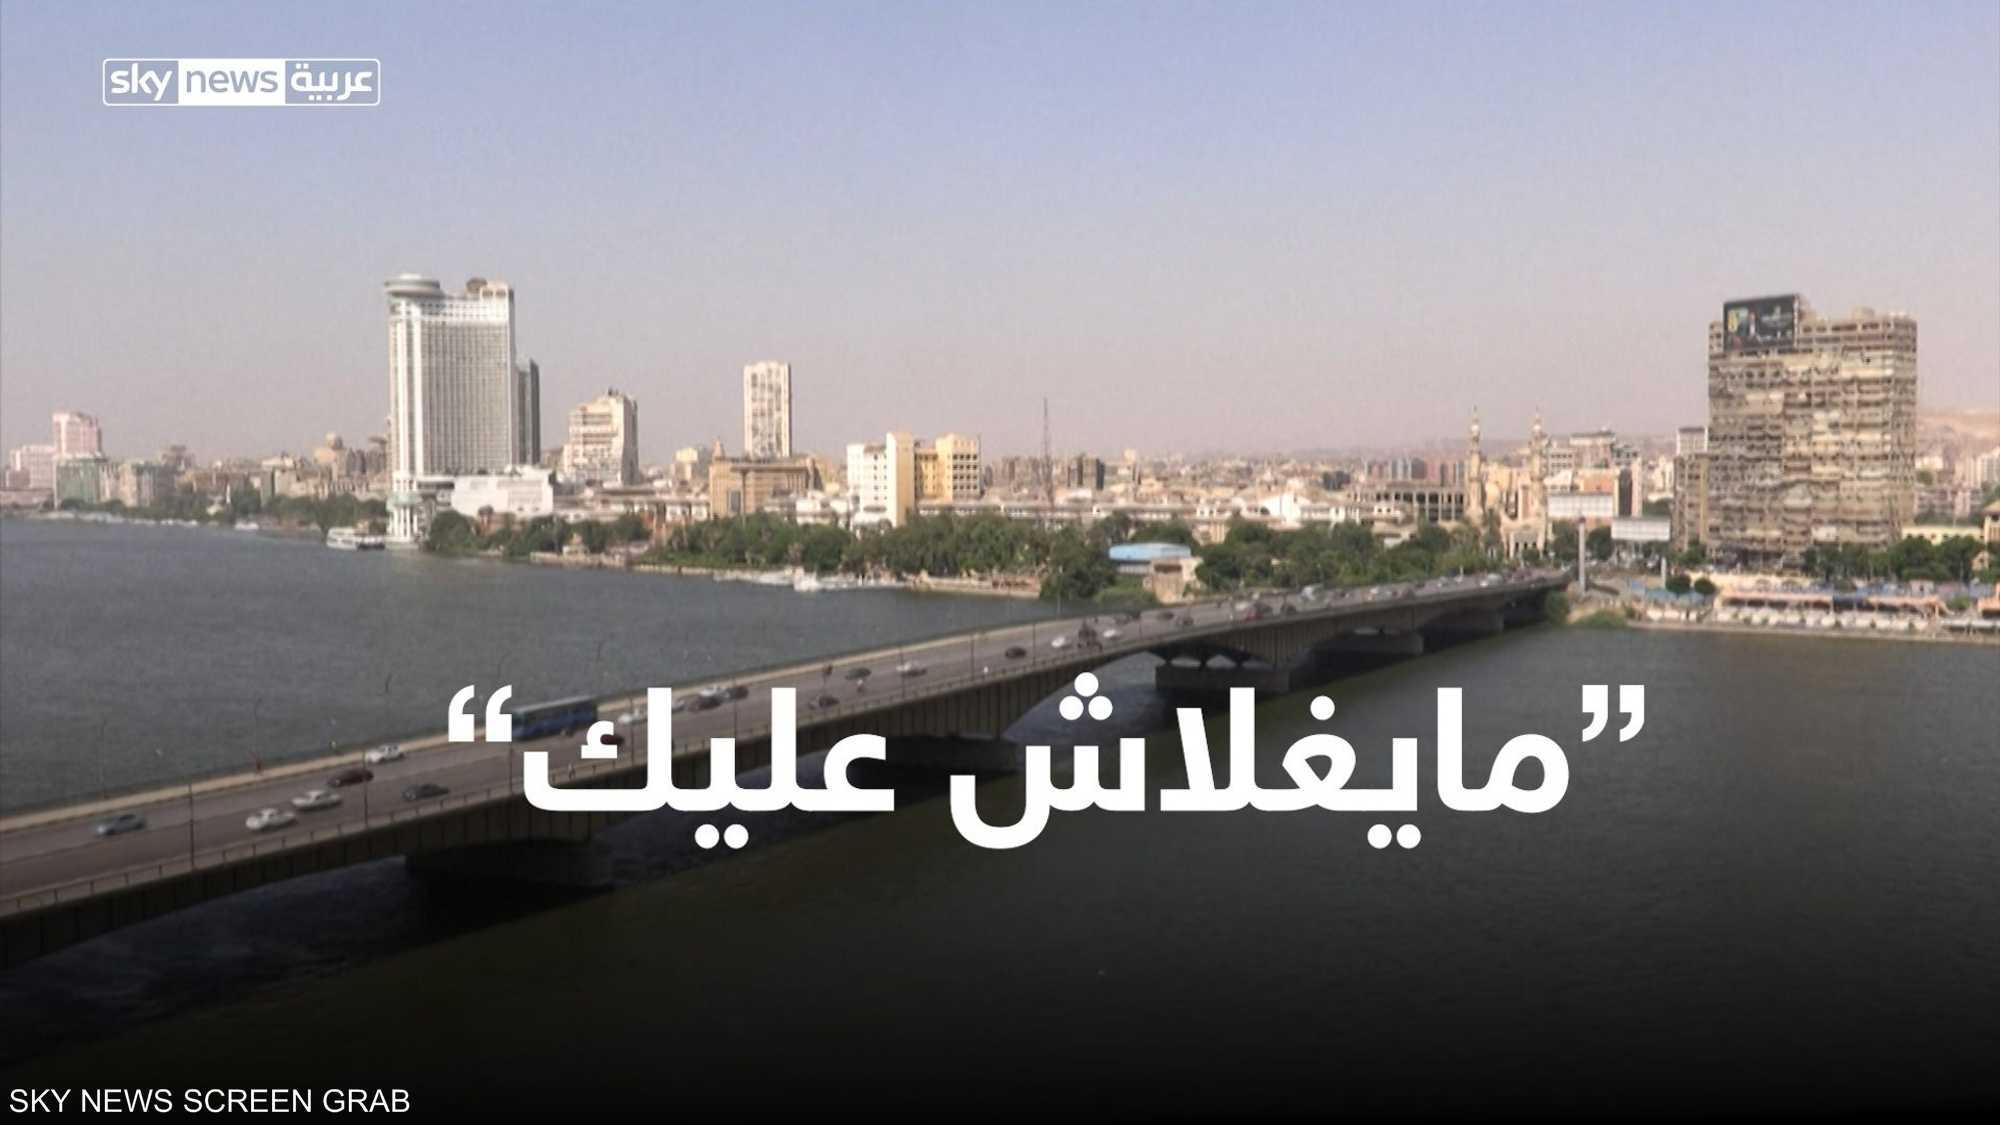 """""""مايغلاش عليك"""".. مبادرة لدعم المستهلكين في مصر"""